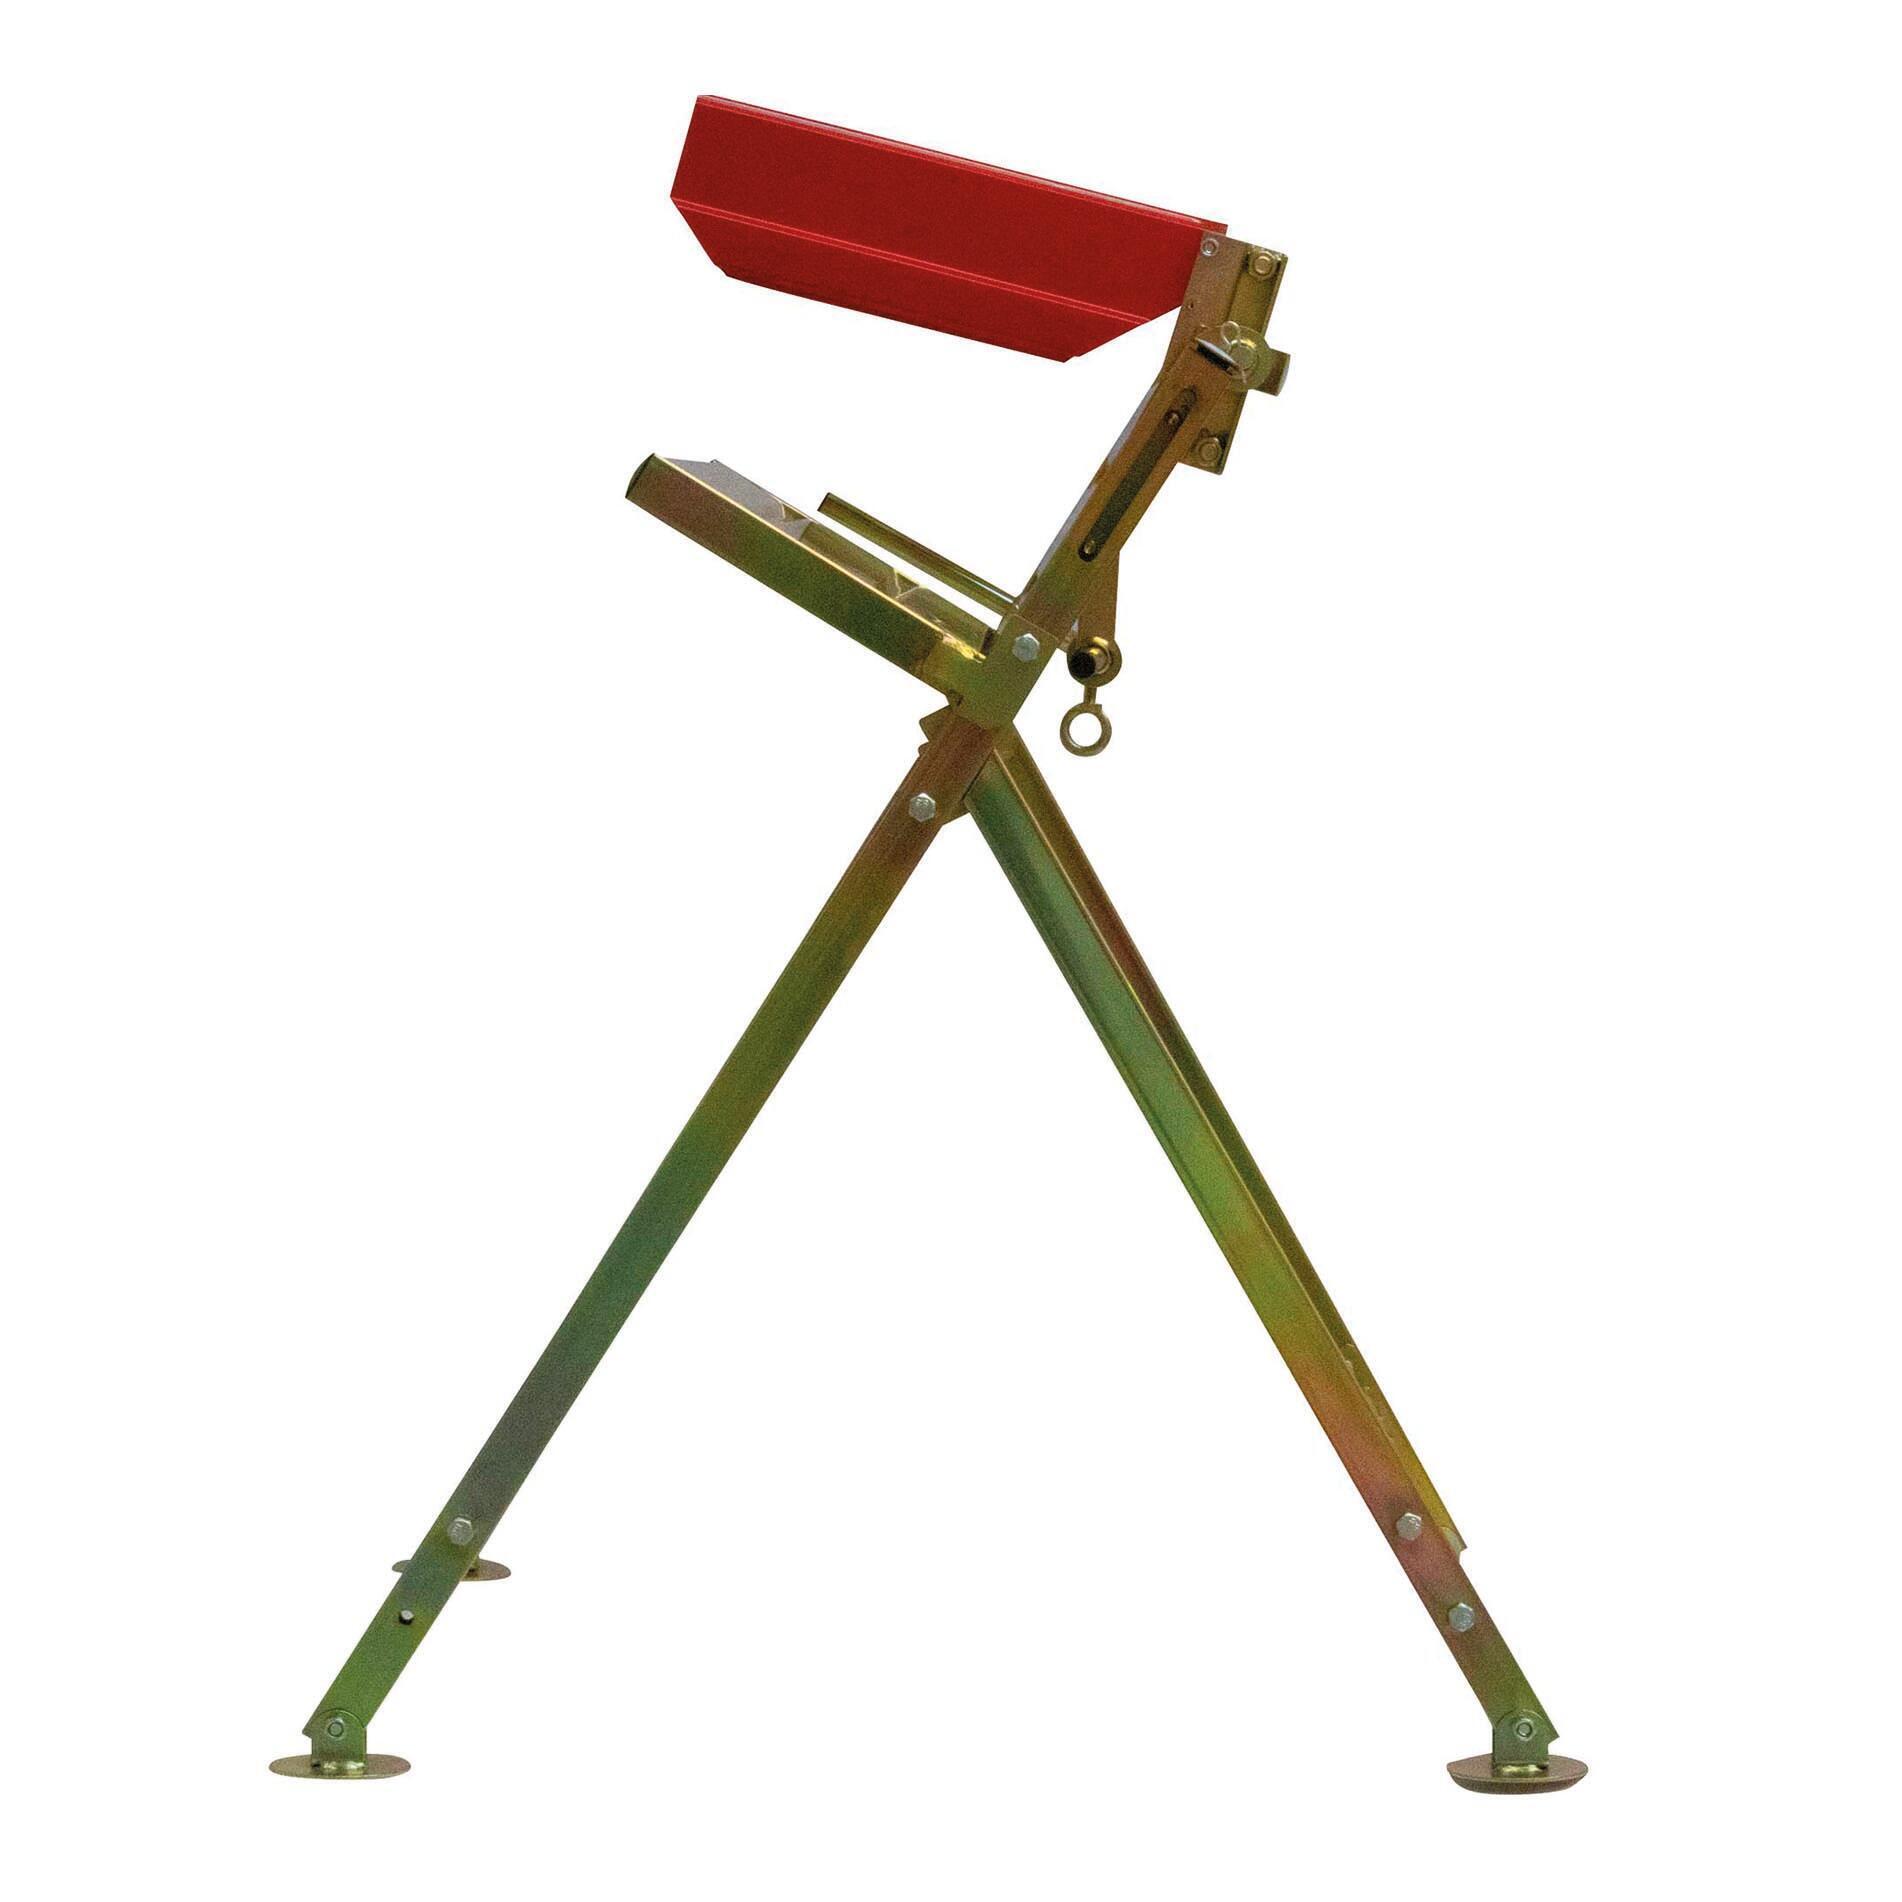 Cavalletto reggi legna in alluminio H 80 cm - 2